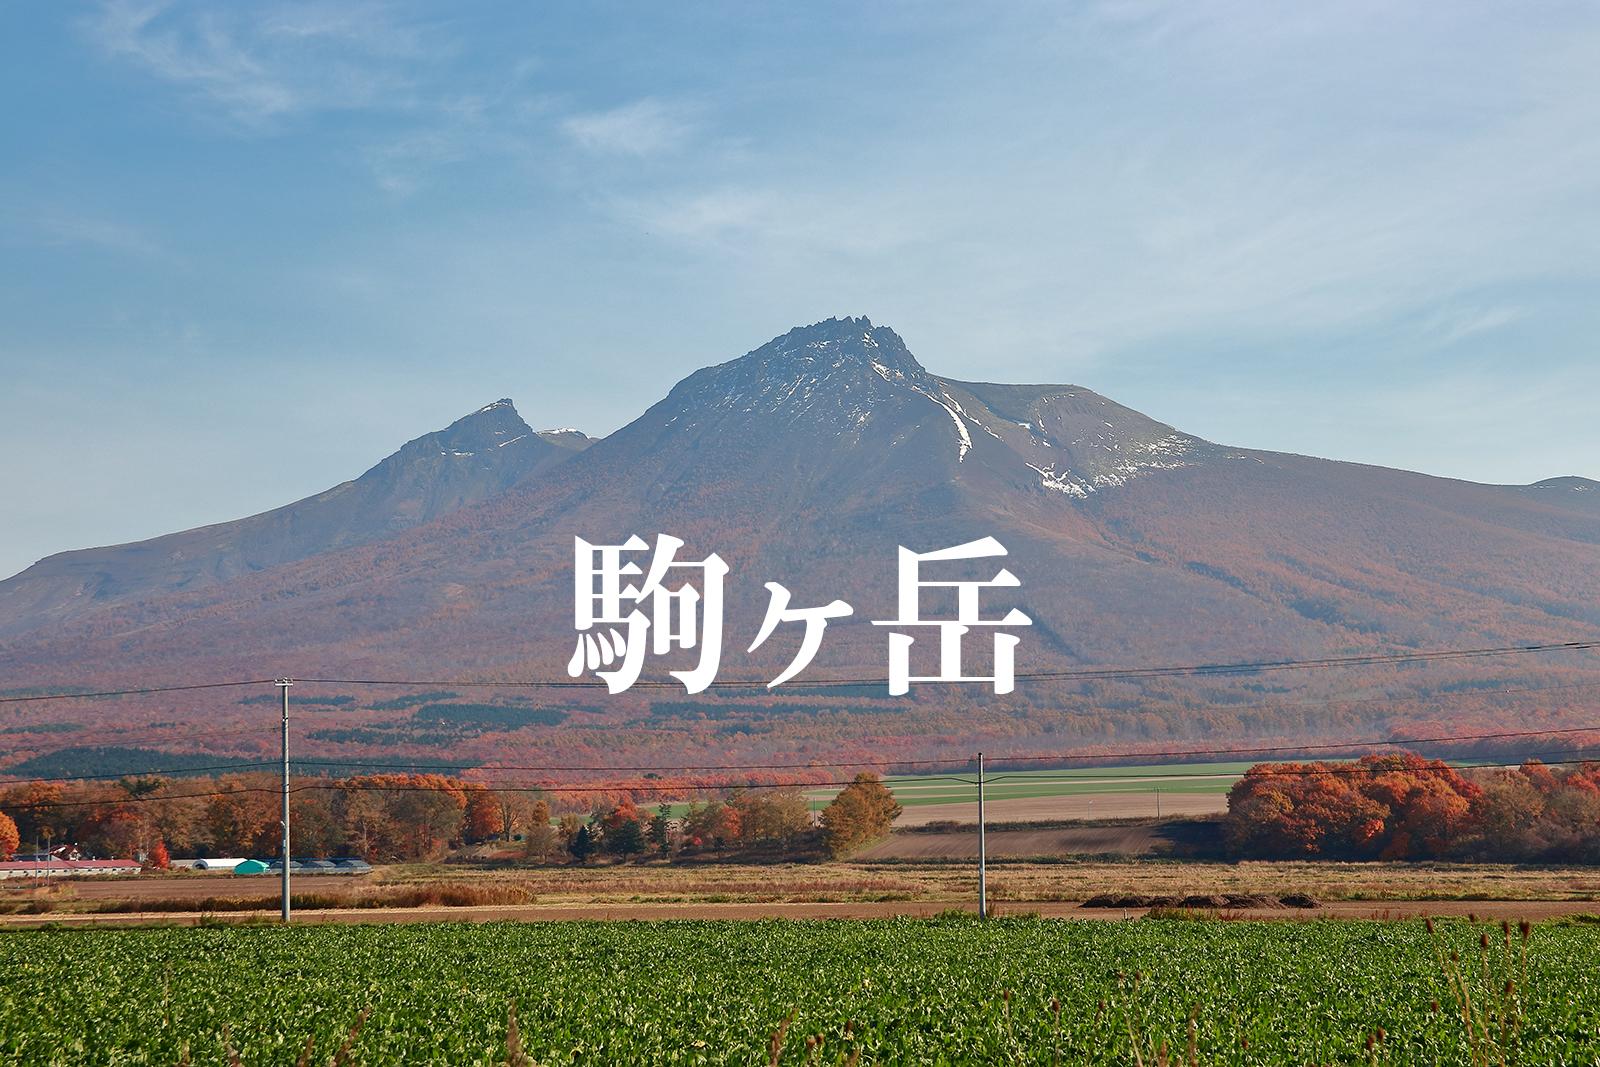 道南の秀峰「駒ヶ岳」を見るならどこに行けばいい?絶景ビューポイントまとめ